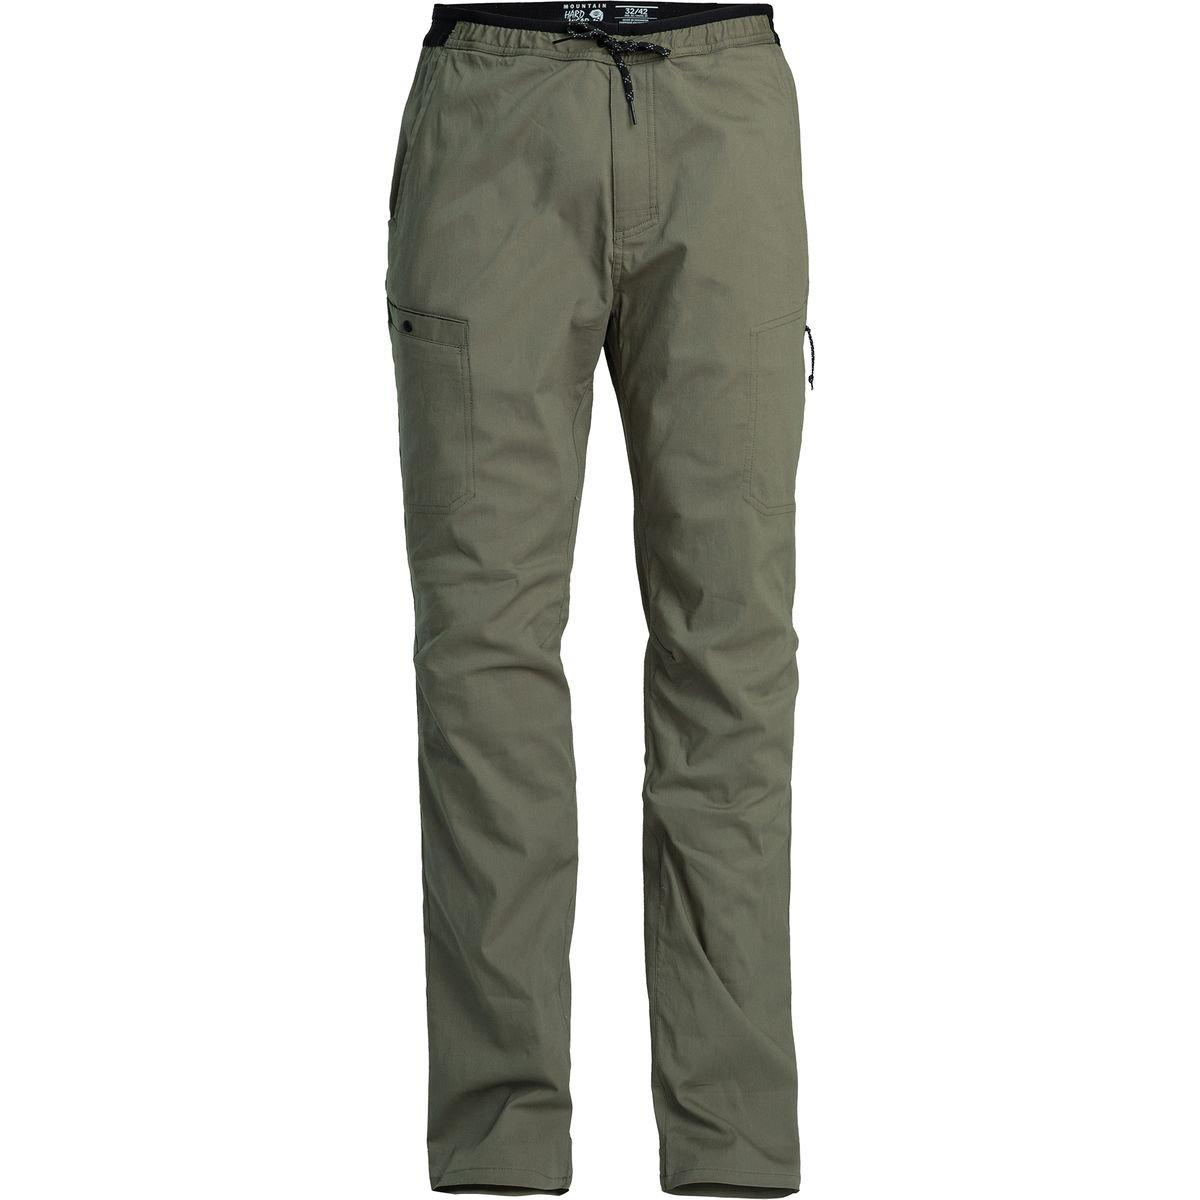 Mountain Hardwear Herren AP Scrambler Hose – Zink